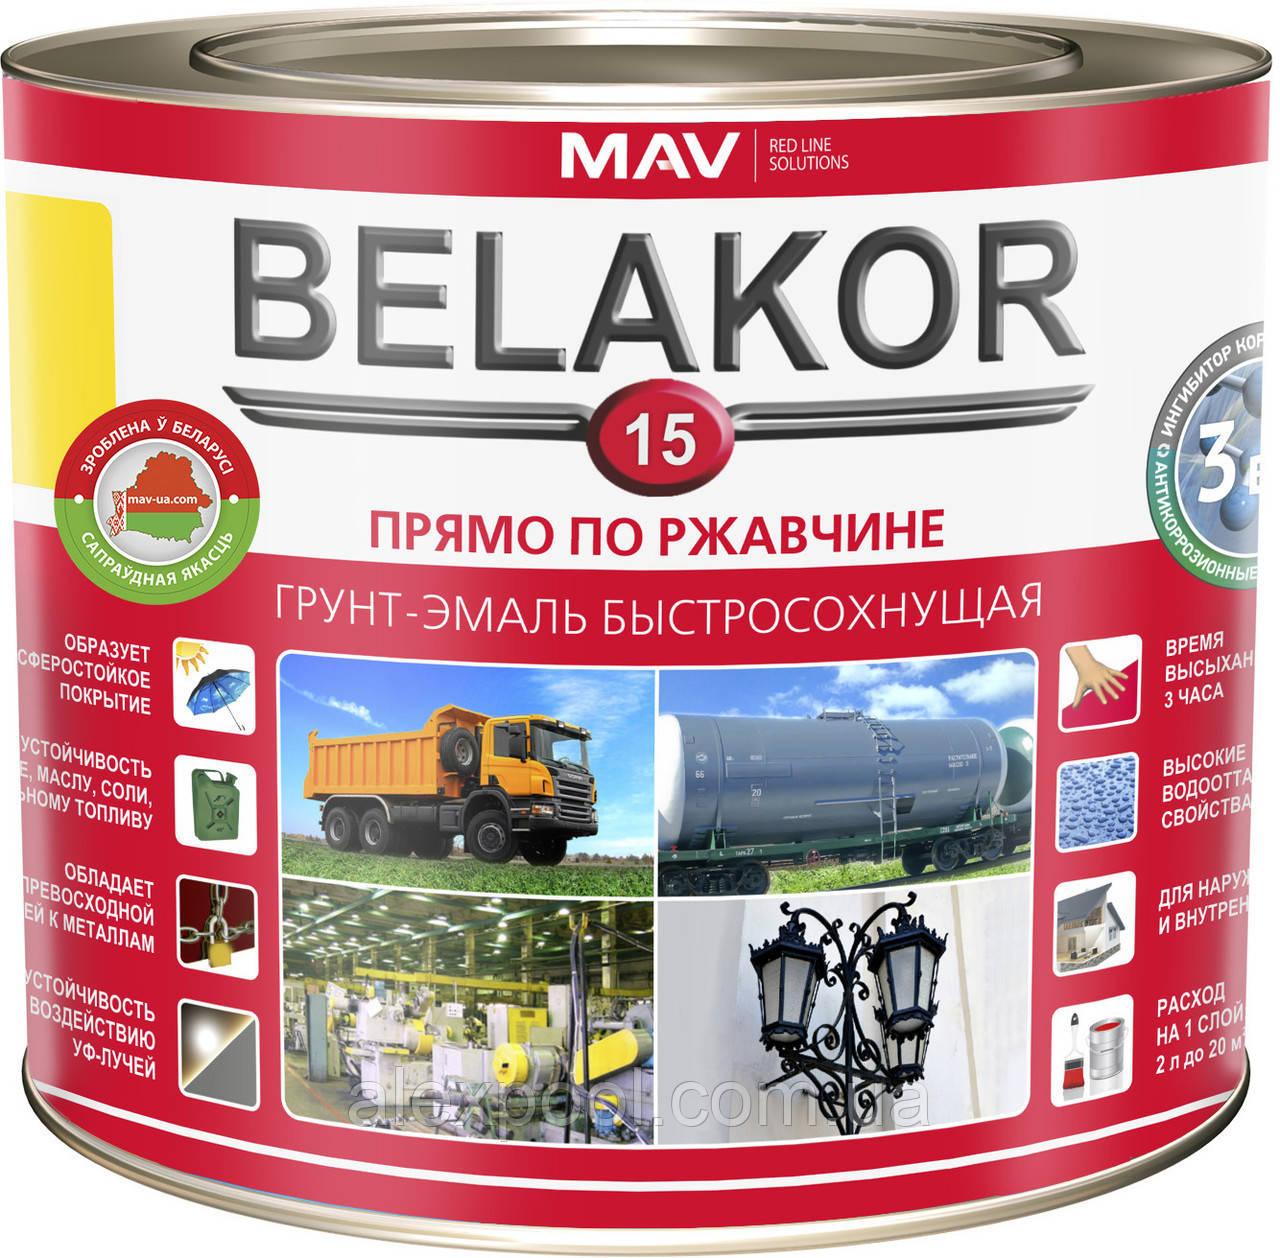 Грунт-эмаль MAV BELAKOR 15 прямо по ржавчине  3 в 1 быстросохнущая Шоколадная RAL 8017 1 литр